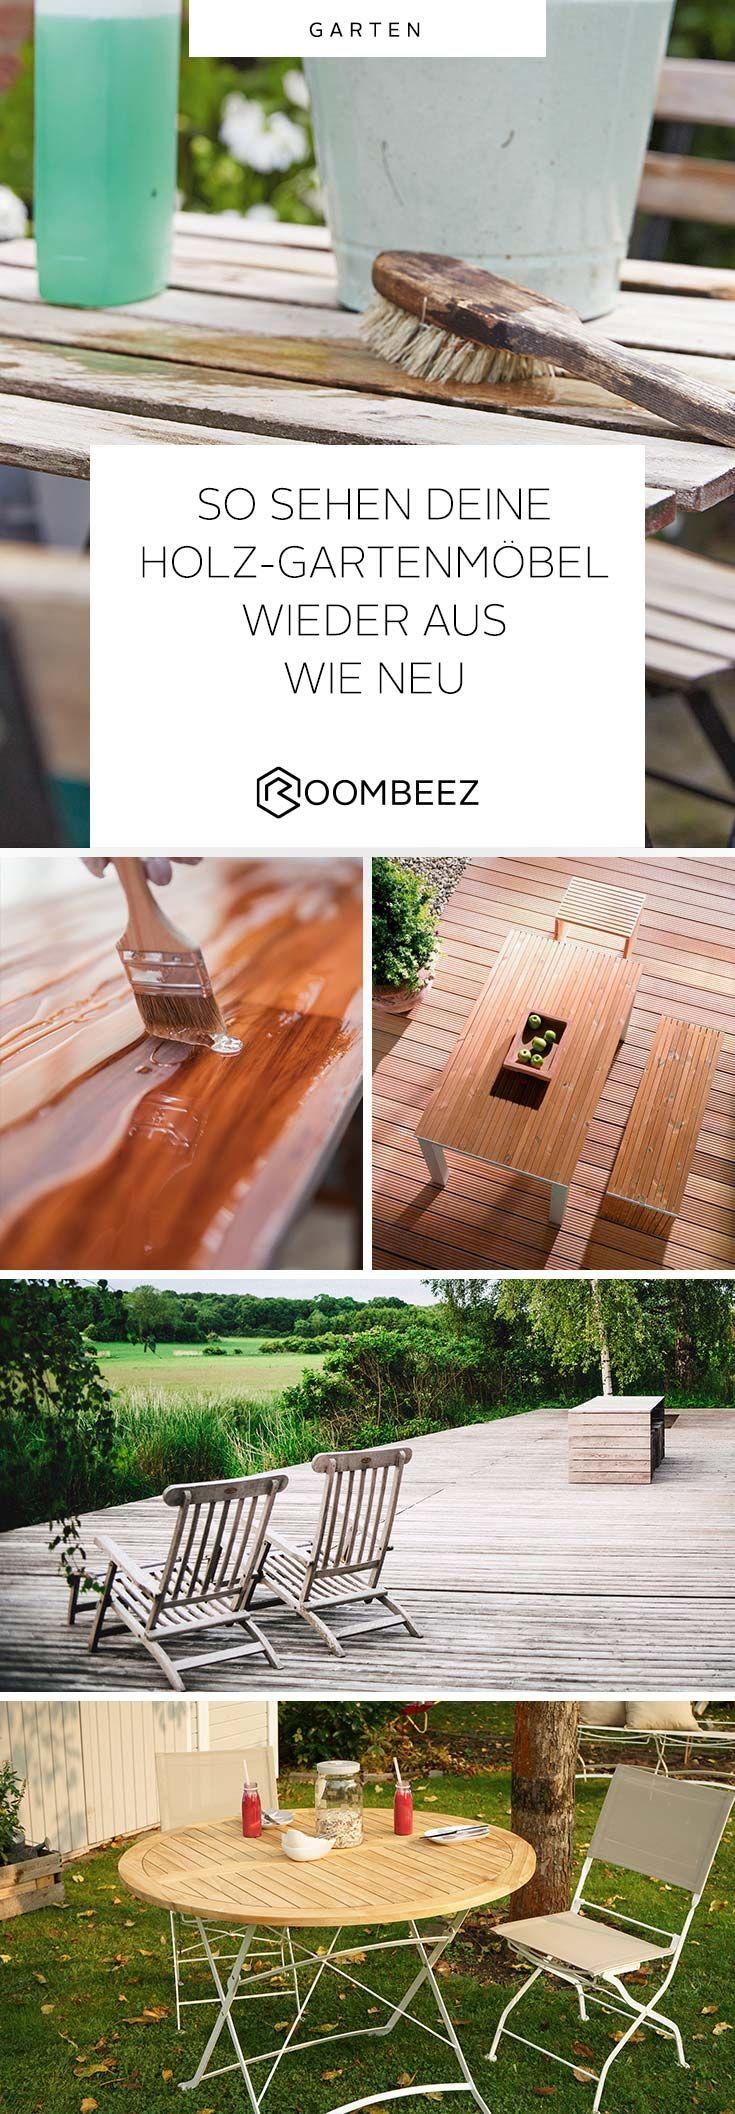 Holz Gartenmobel Reinigen Holz Saubern Und Pflegen Otto Gartenmobel Holz Teak Gartenmobel Gartenmobel